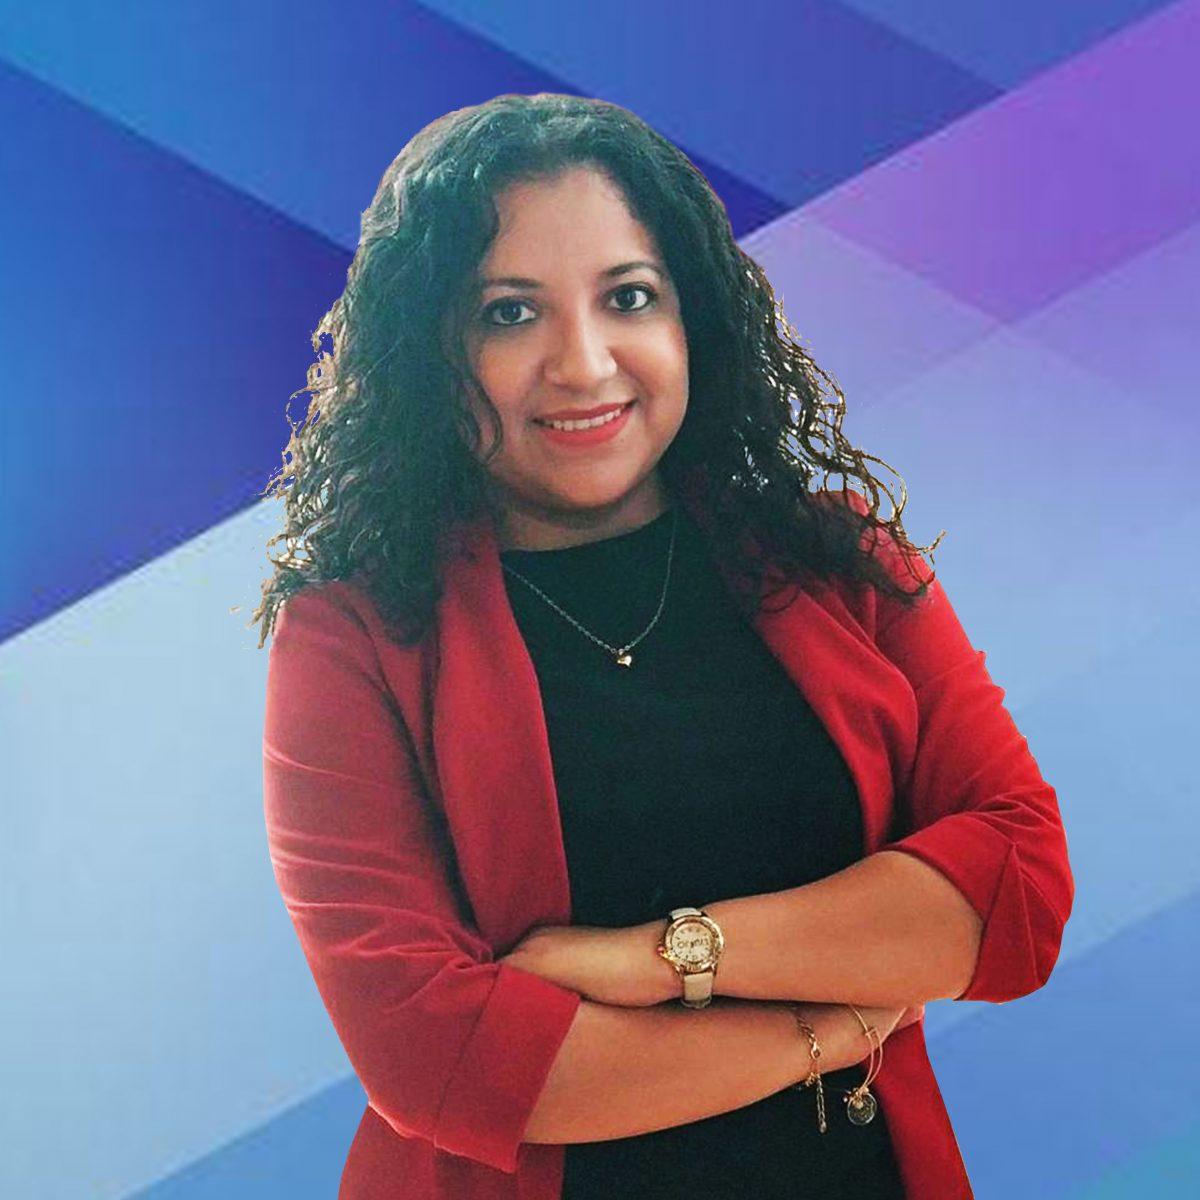 Hilda Ramirez